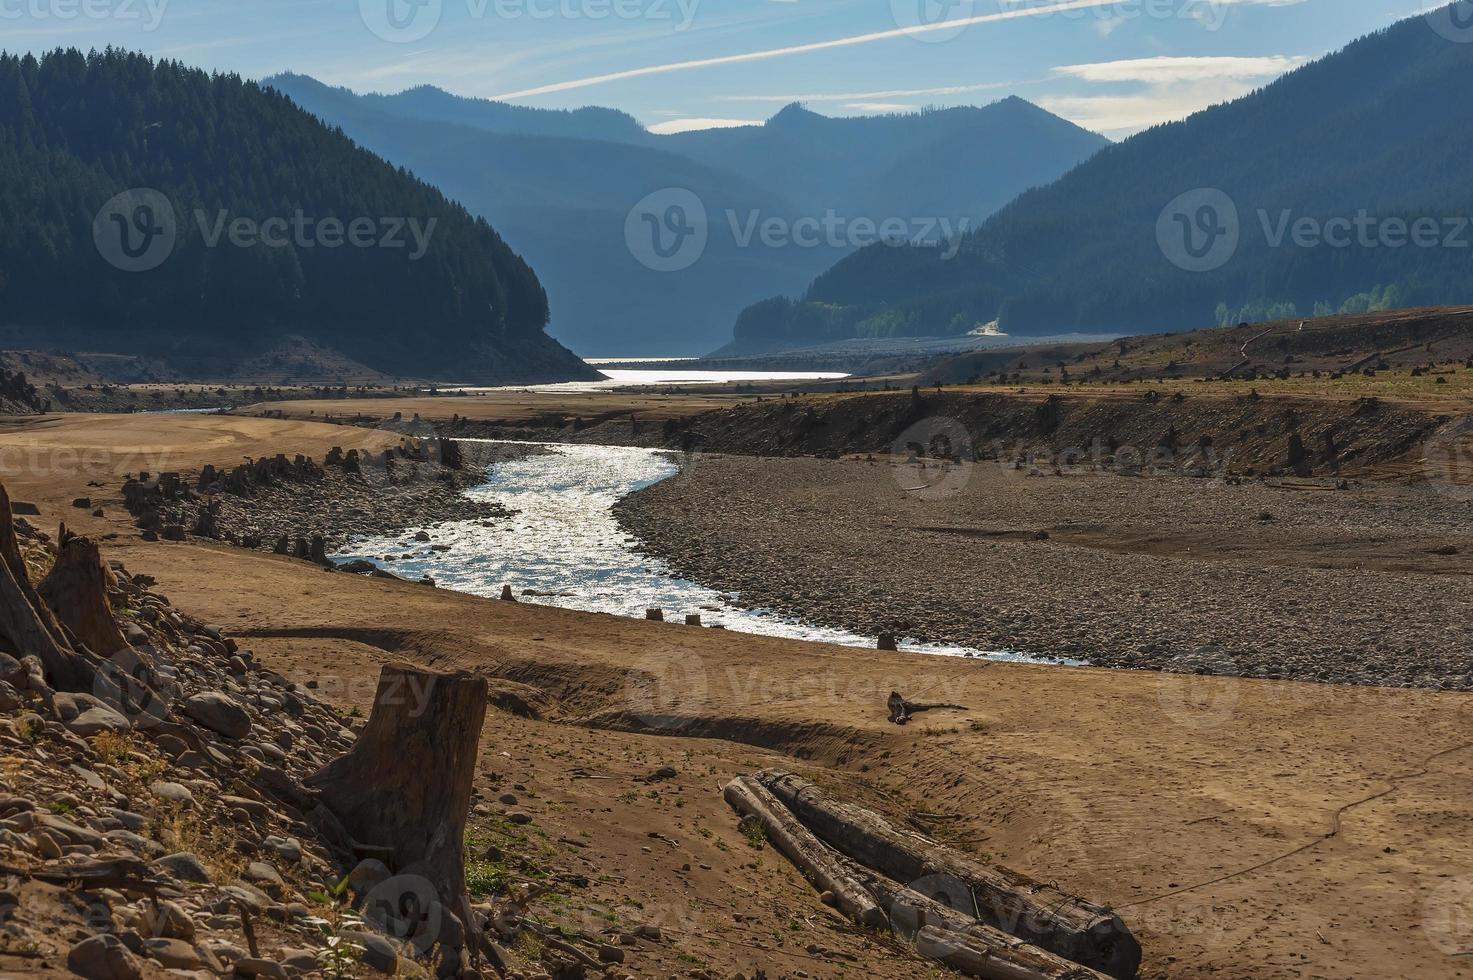 condizioni di siccità nel lago detroit, Oregon foto